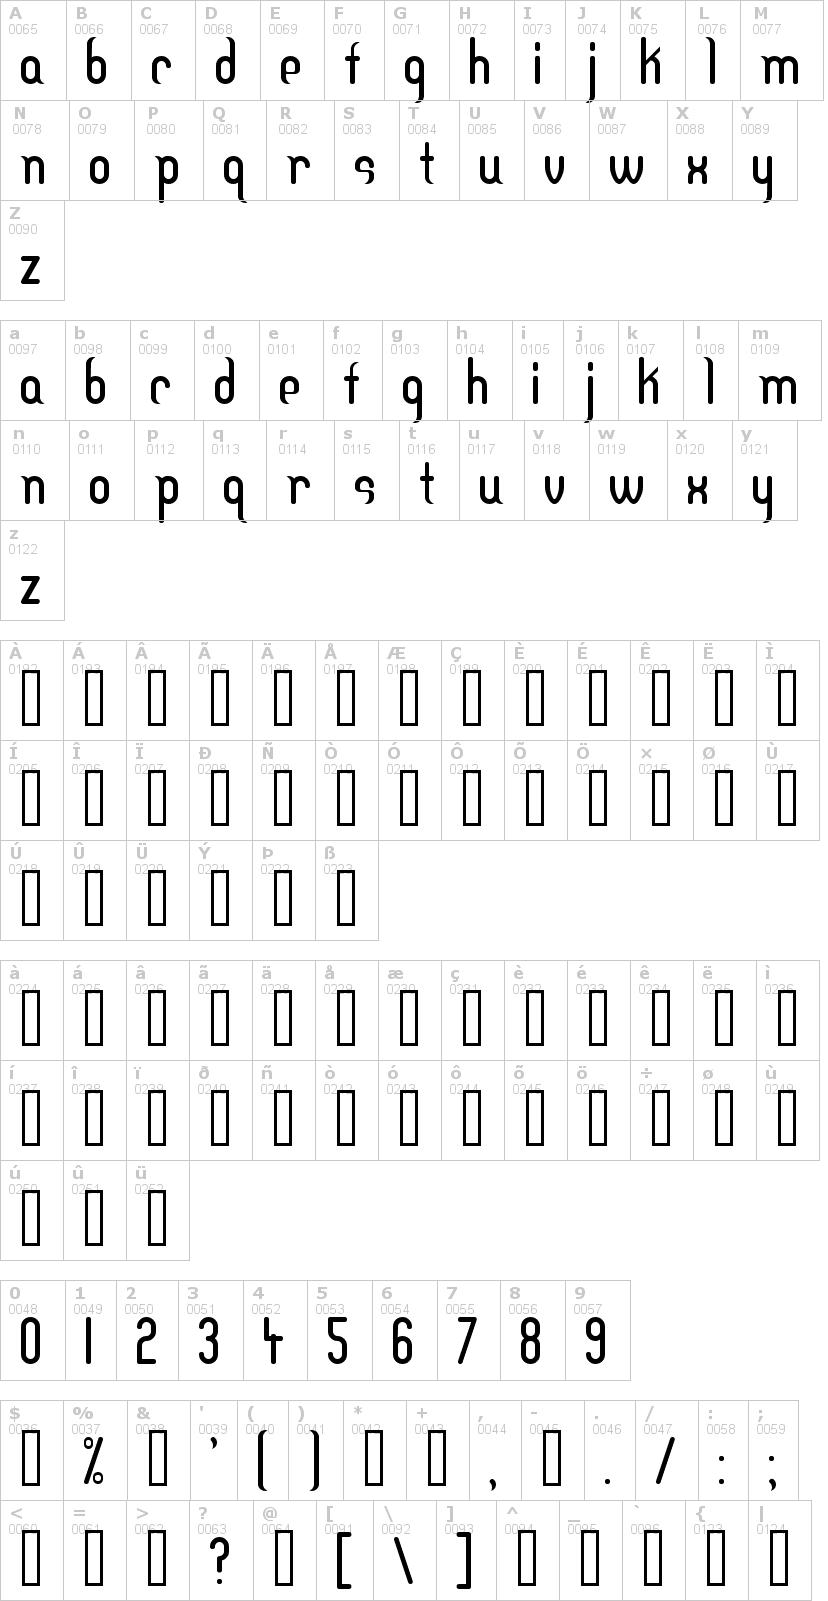 Lettere dell'alfabeto del font df-temple con le quali è possibile realizzare adesivi prespaziati